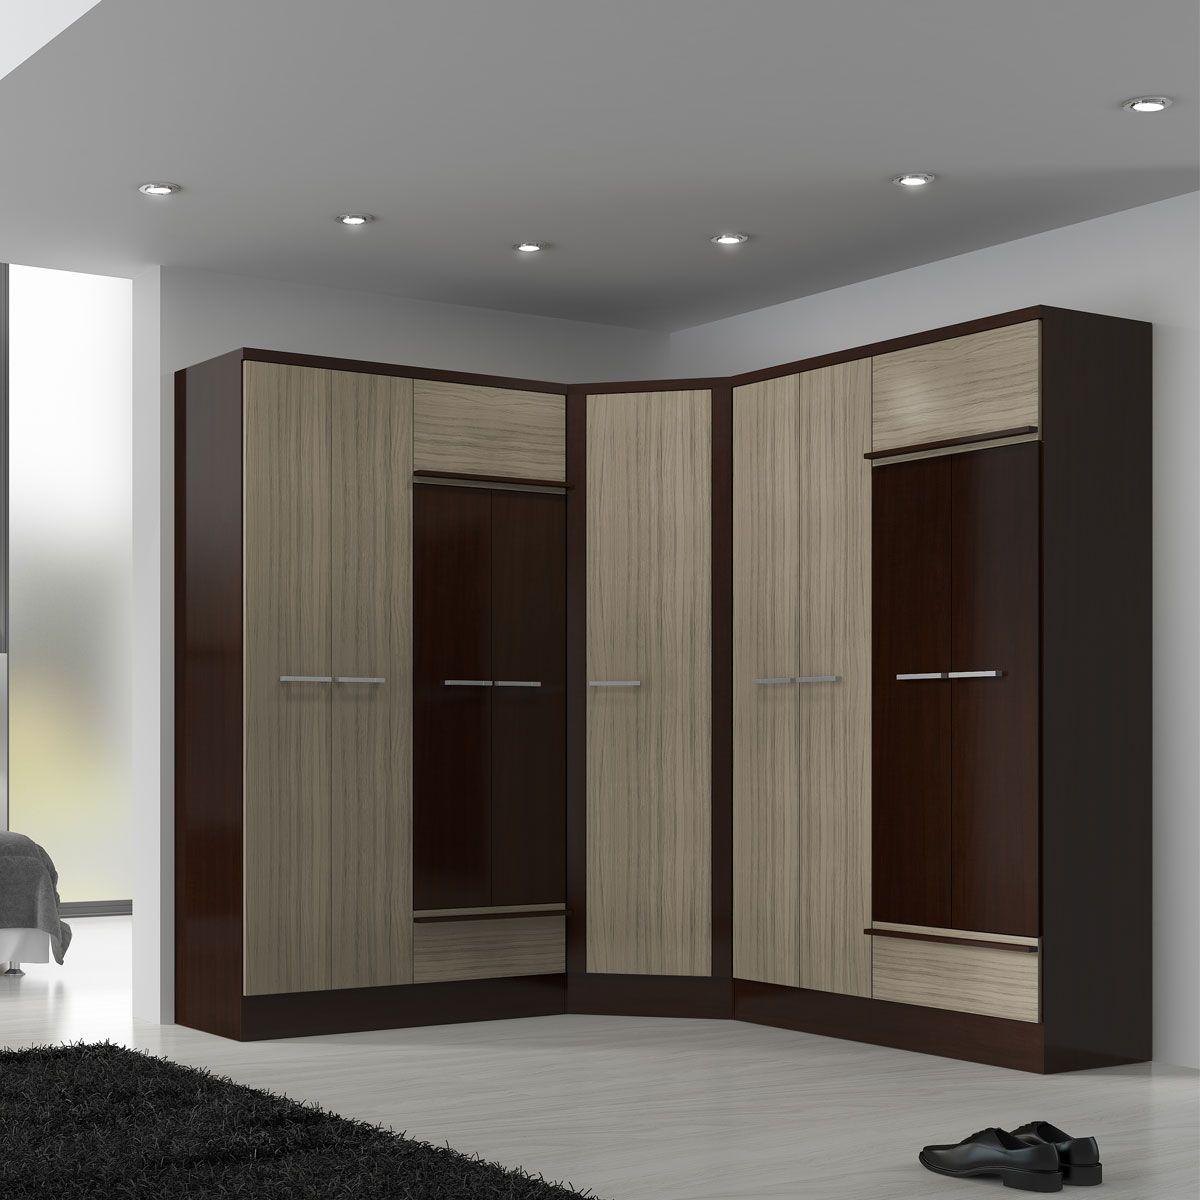 Adesivo Para Convite De Formatura ~ Sofa camas Roupeiros modulados kappesberg Pesquisa Google Casa, moveis e decoraç u00e3o